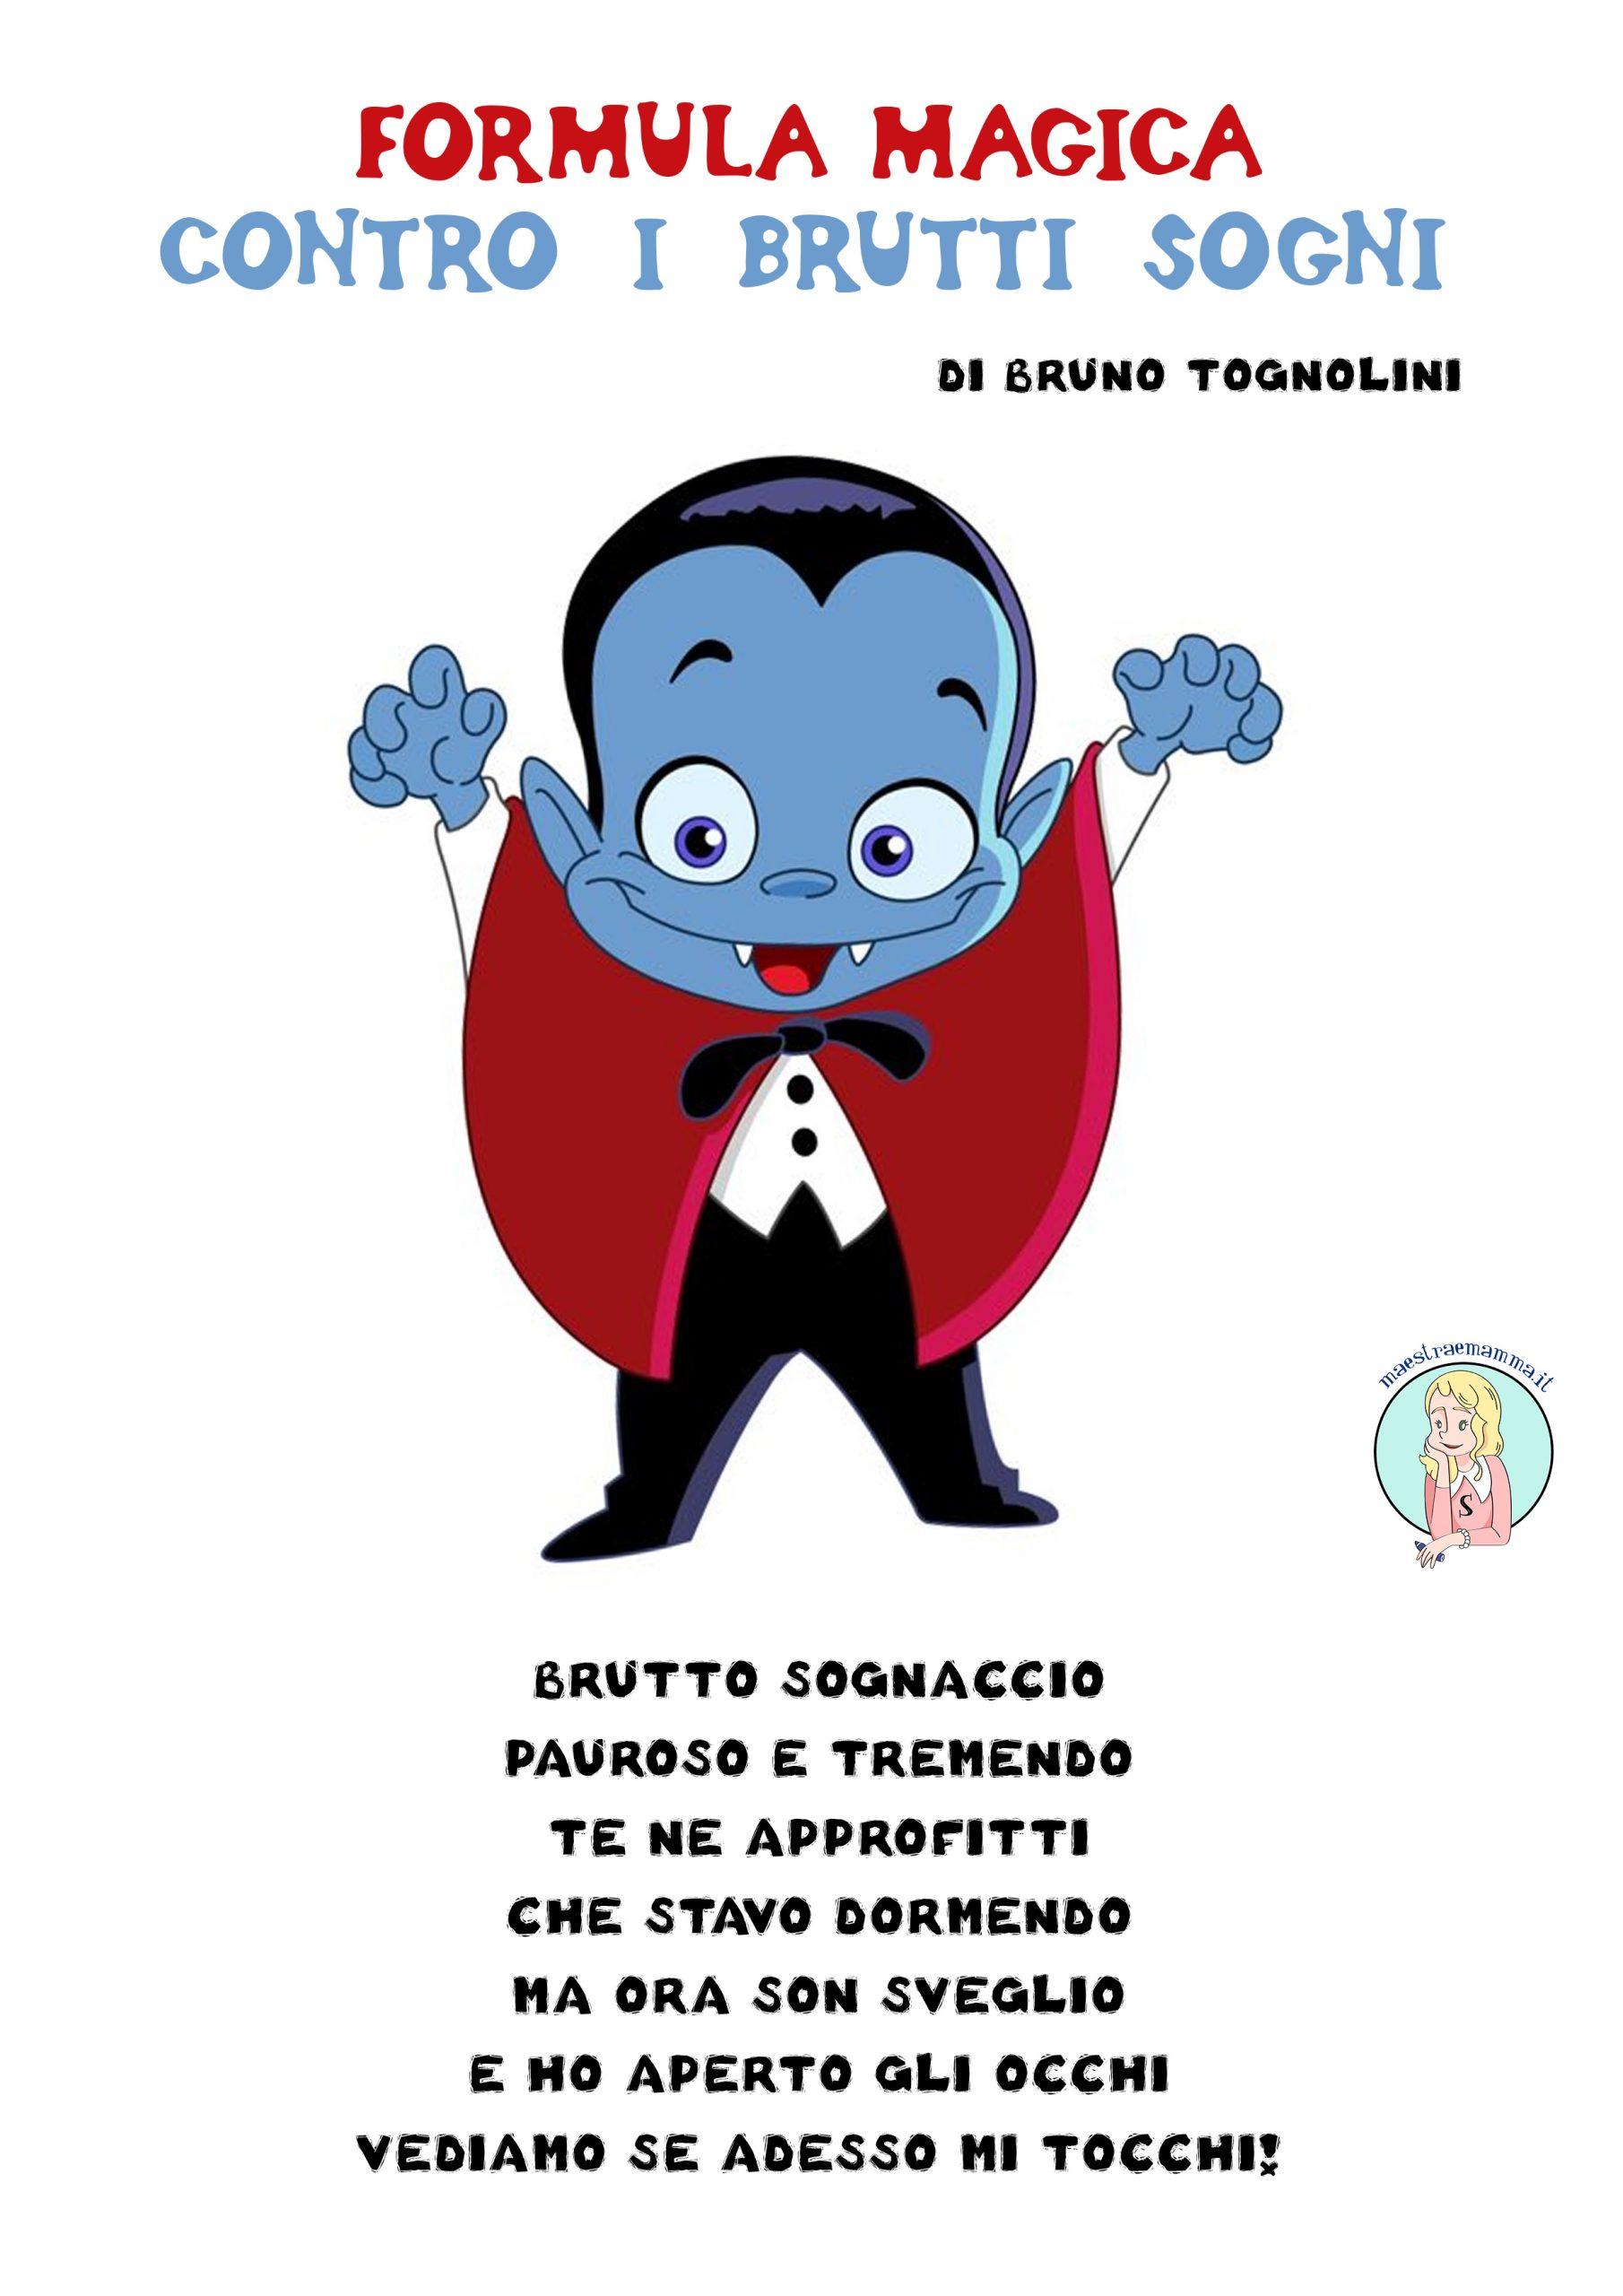 Poesia per Halloween di Bruno Tognolini